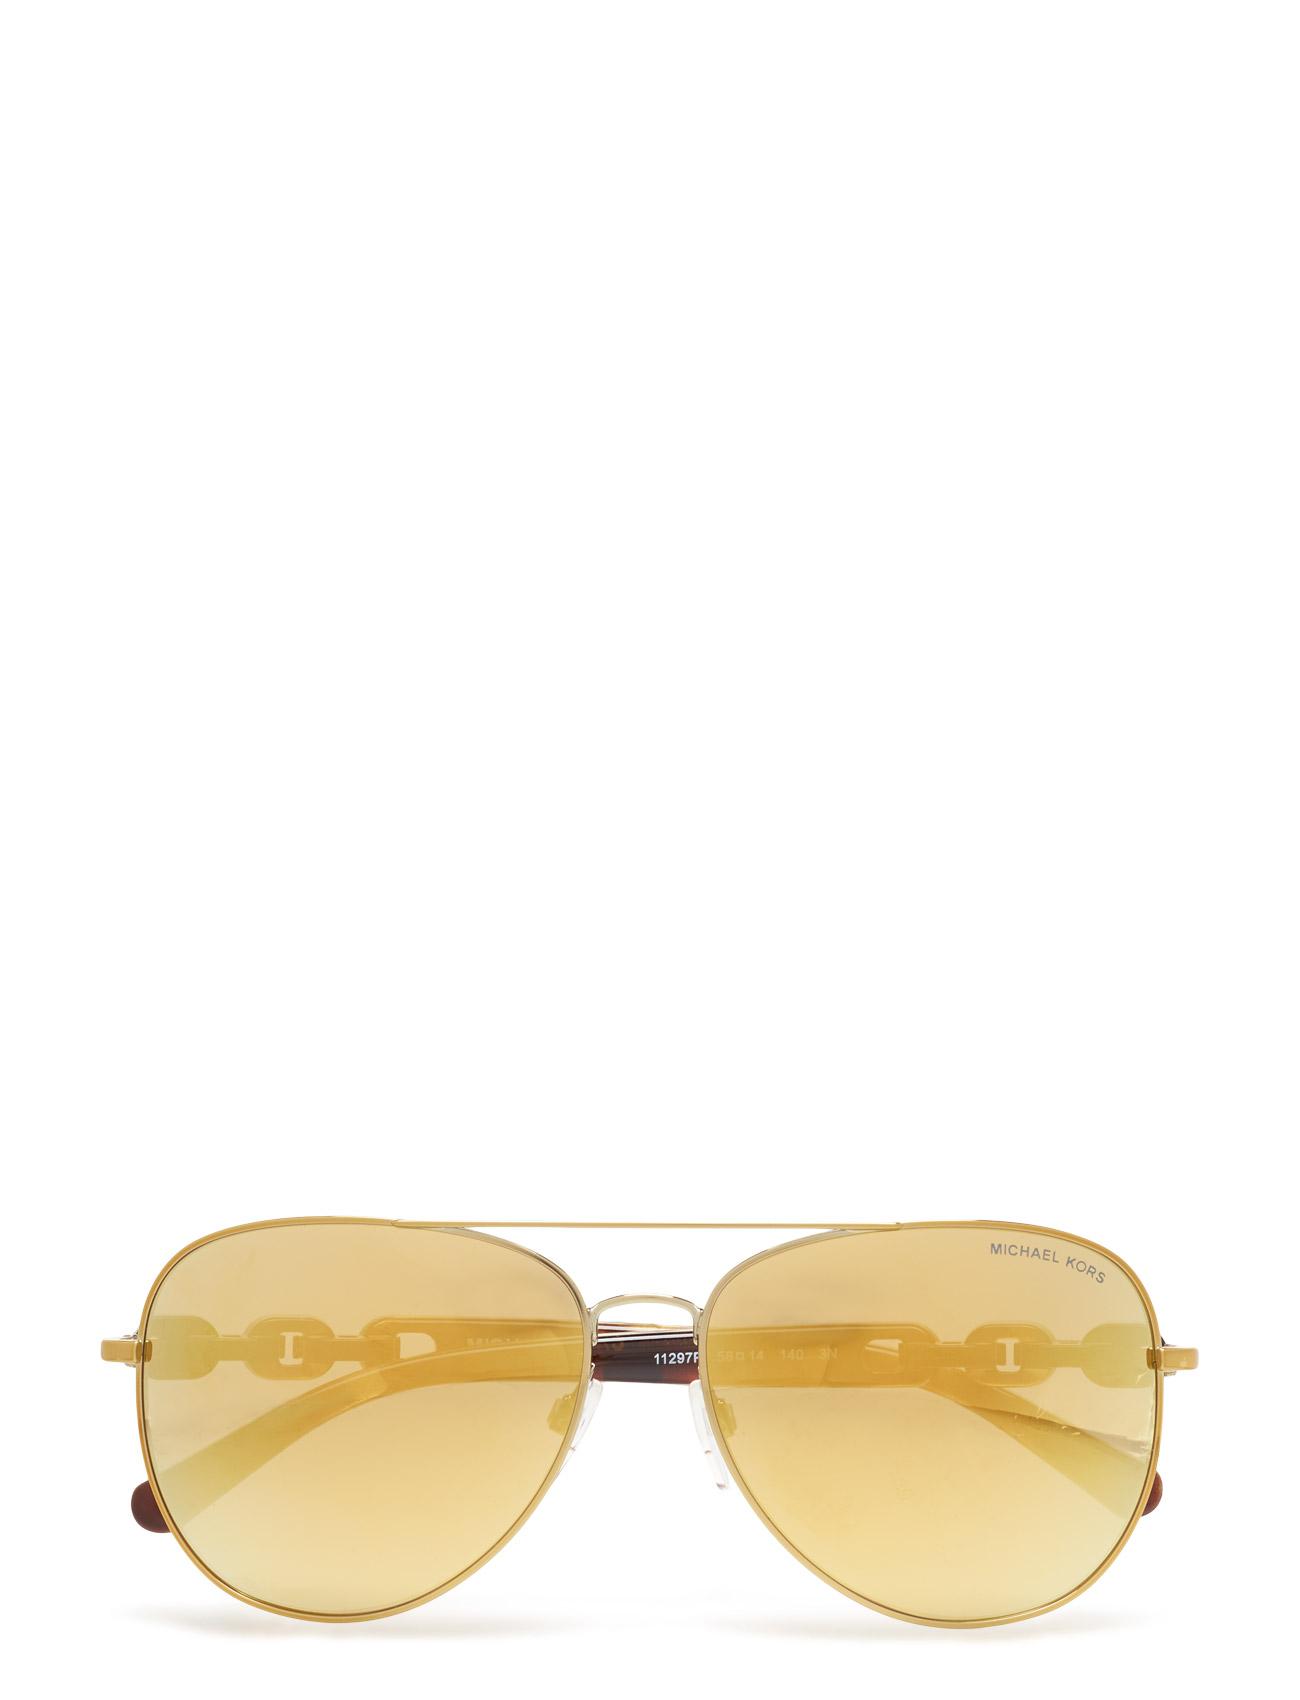 Pandora Michael Kors Sunglasses Solbriller til Kvinder i Guld